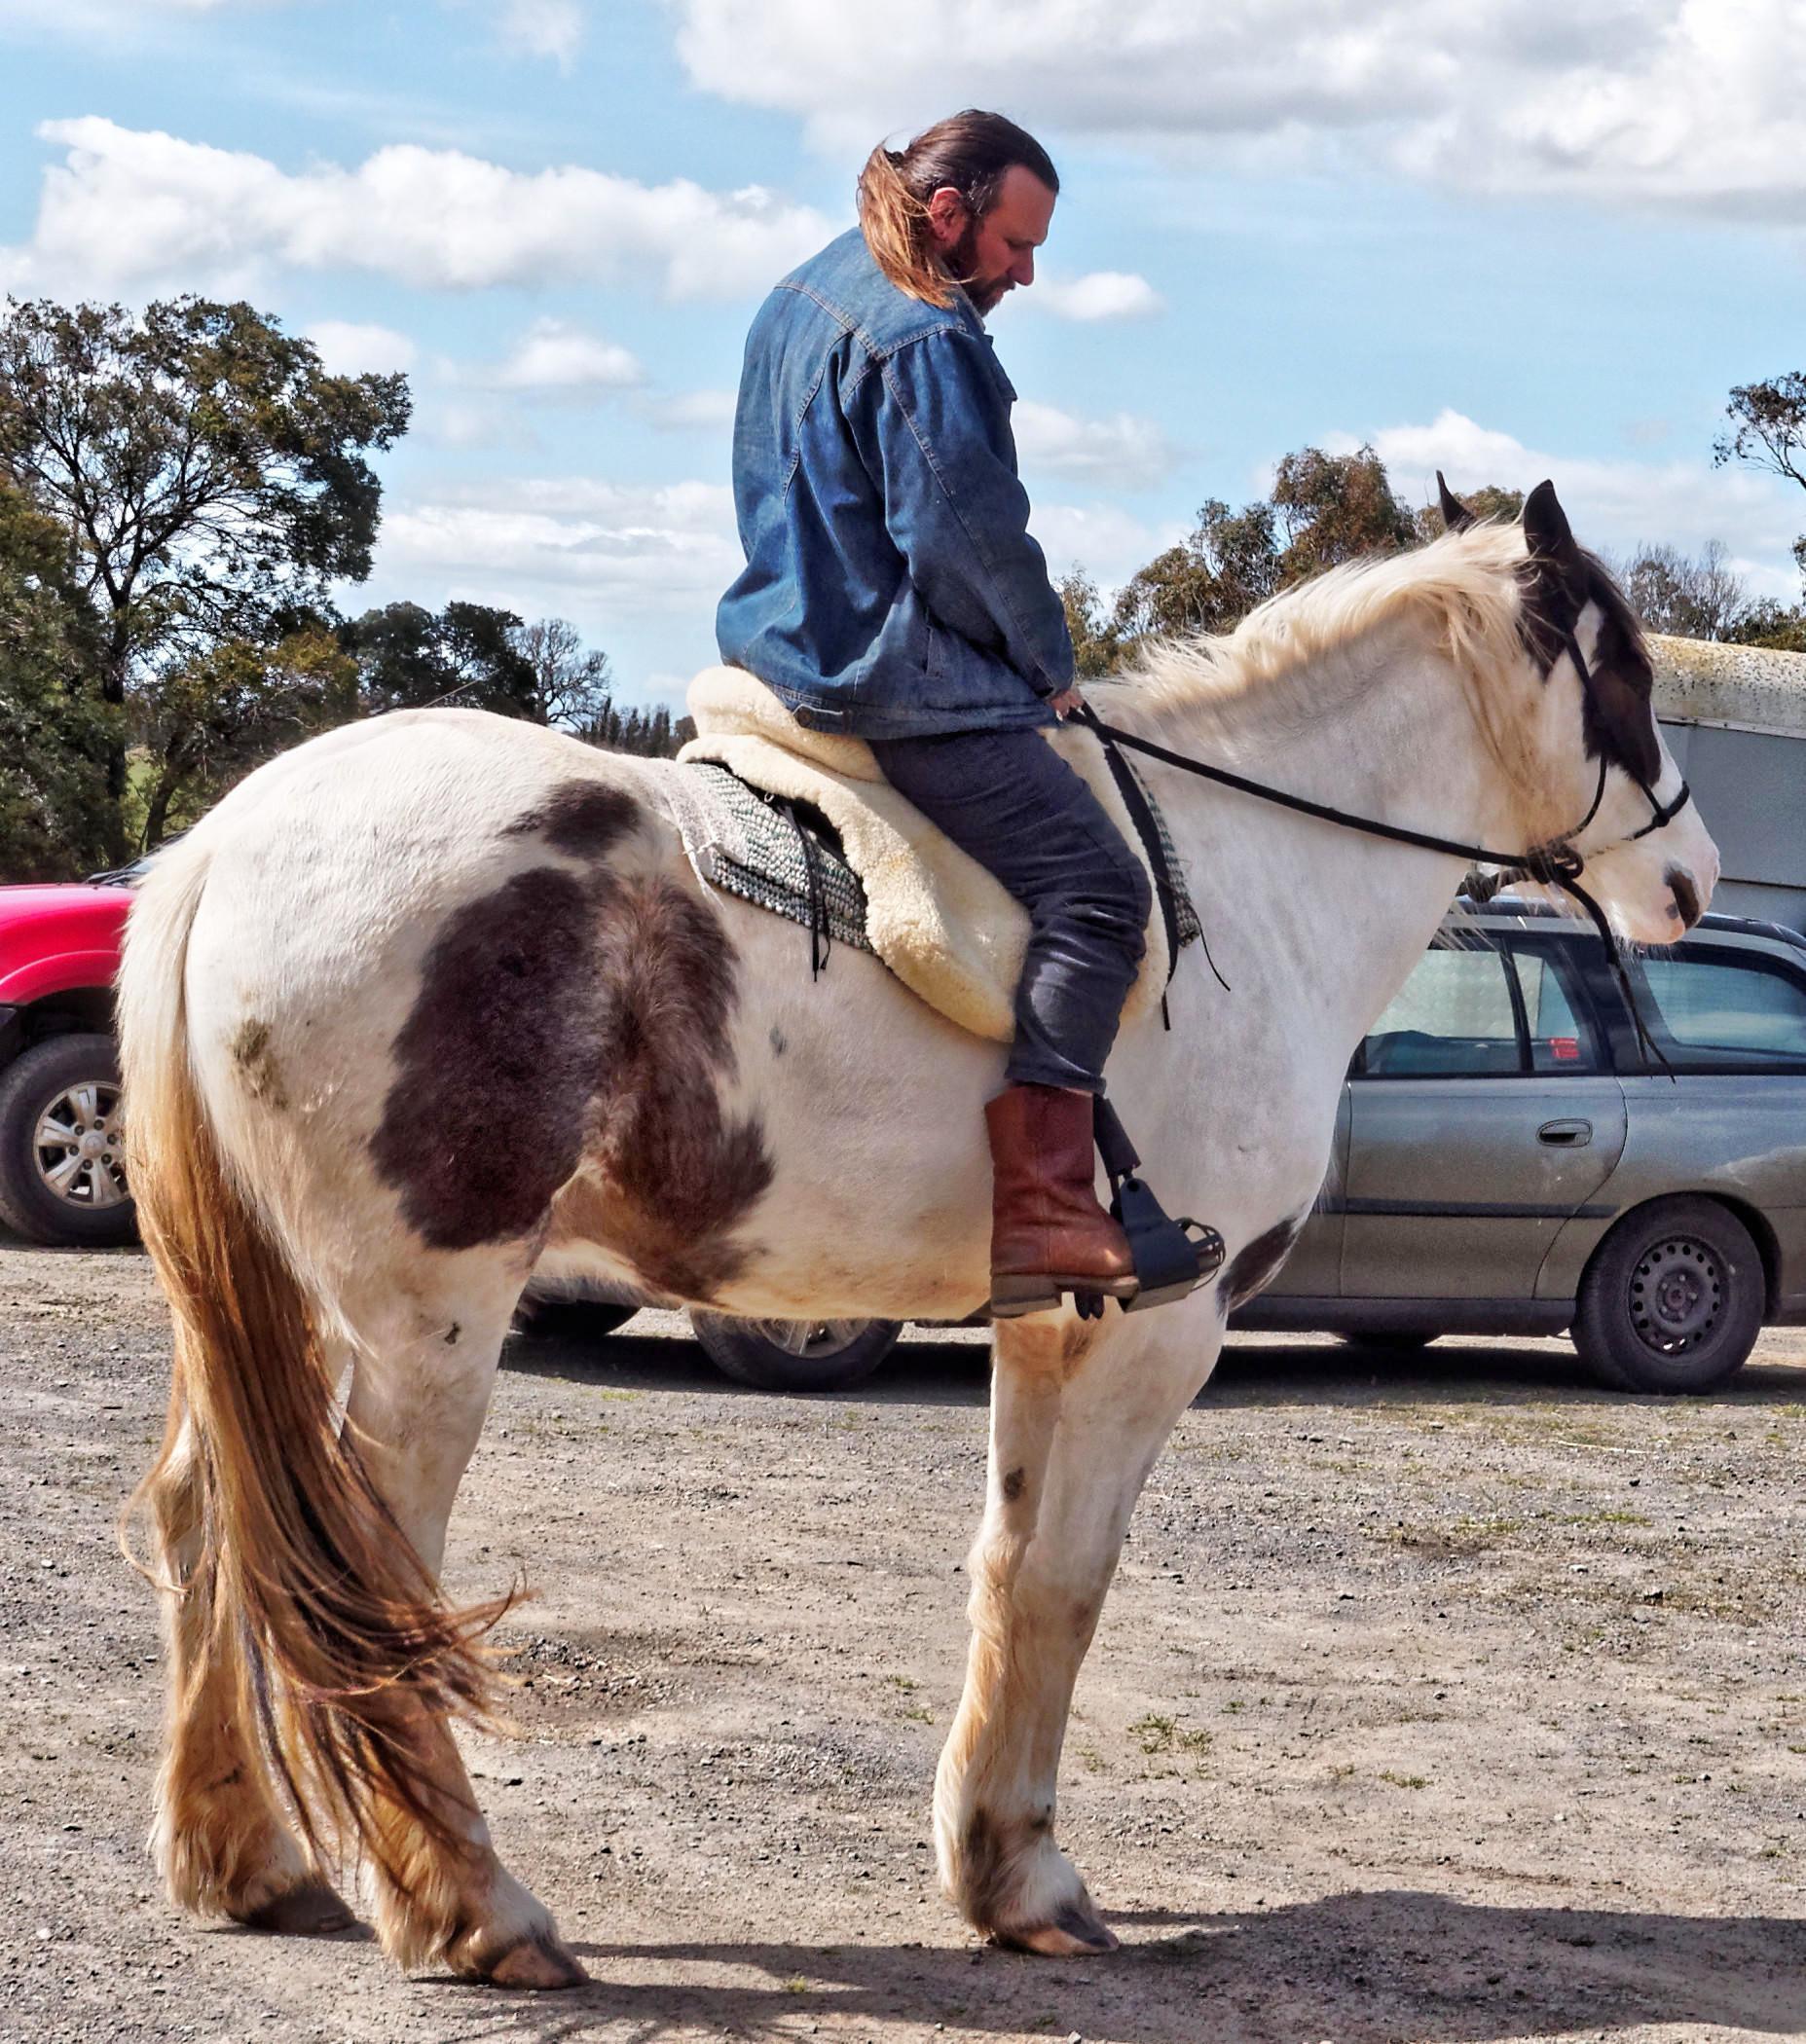 saddle-fitting-8.jpeg